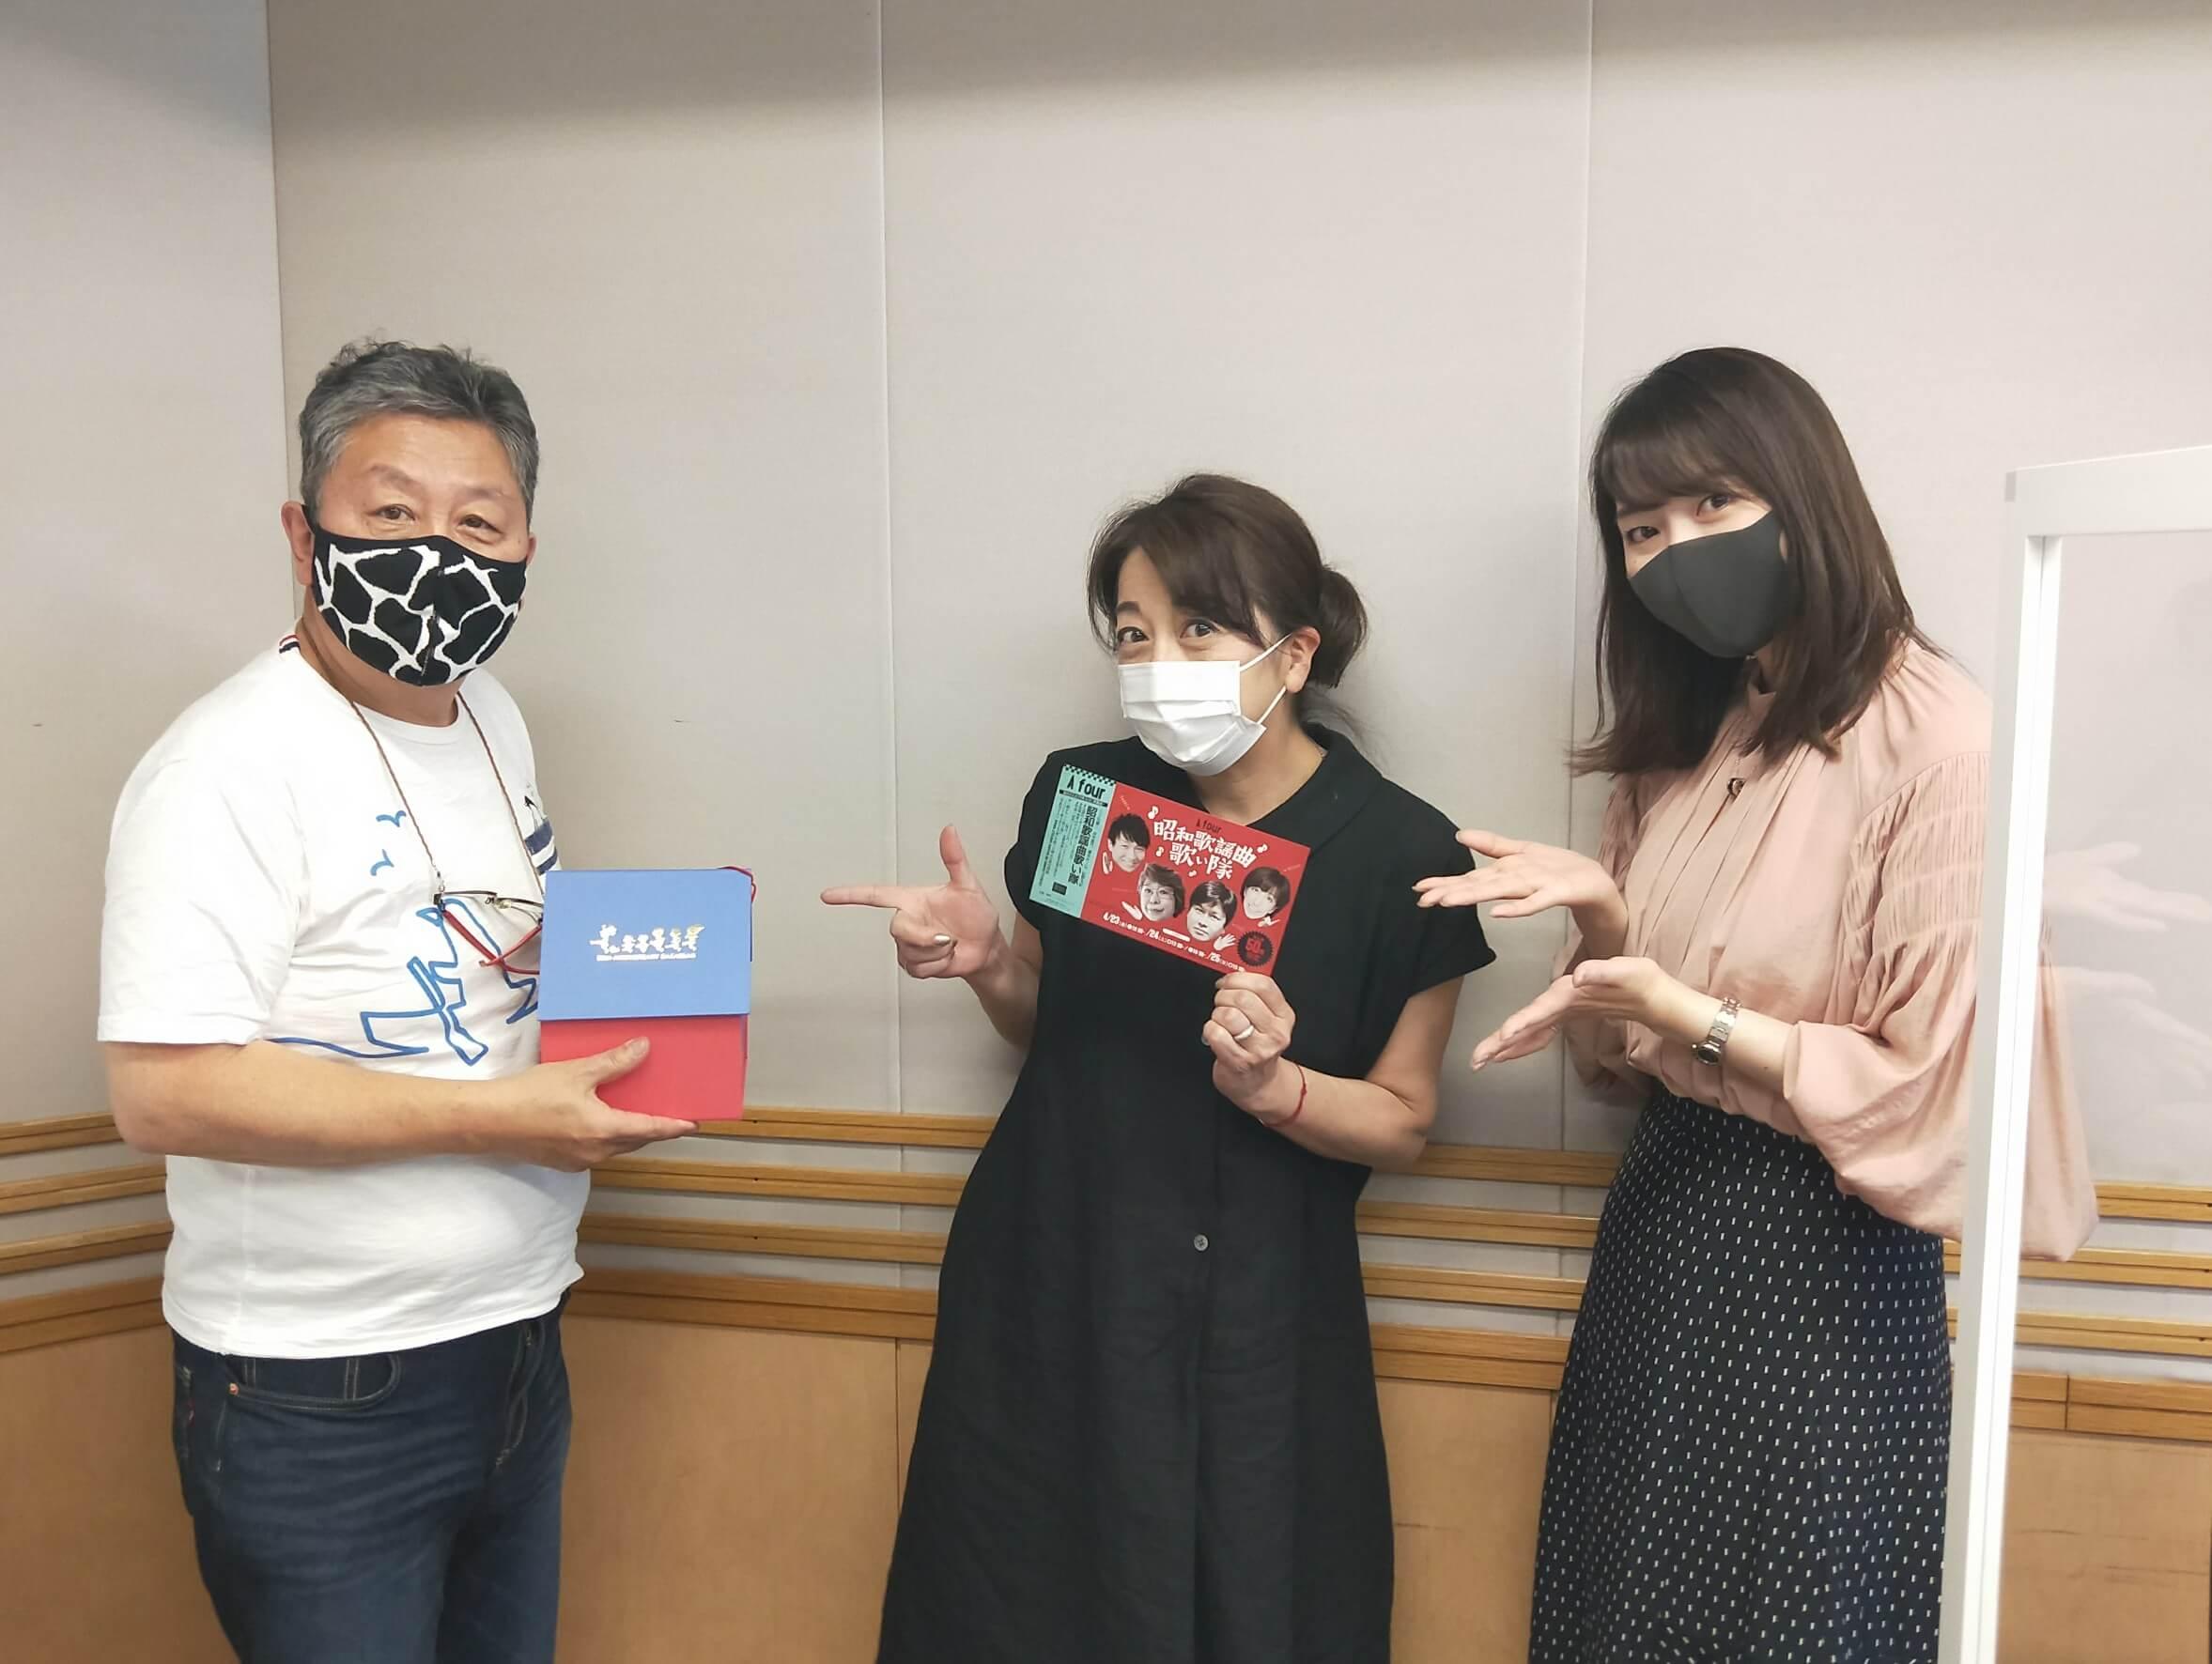 『くにまるジャパン極・極シアター』3月31日(水)のお客様 冨永みーなさん